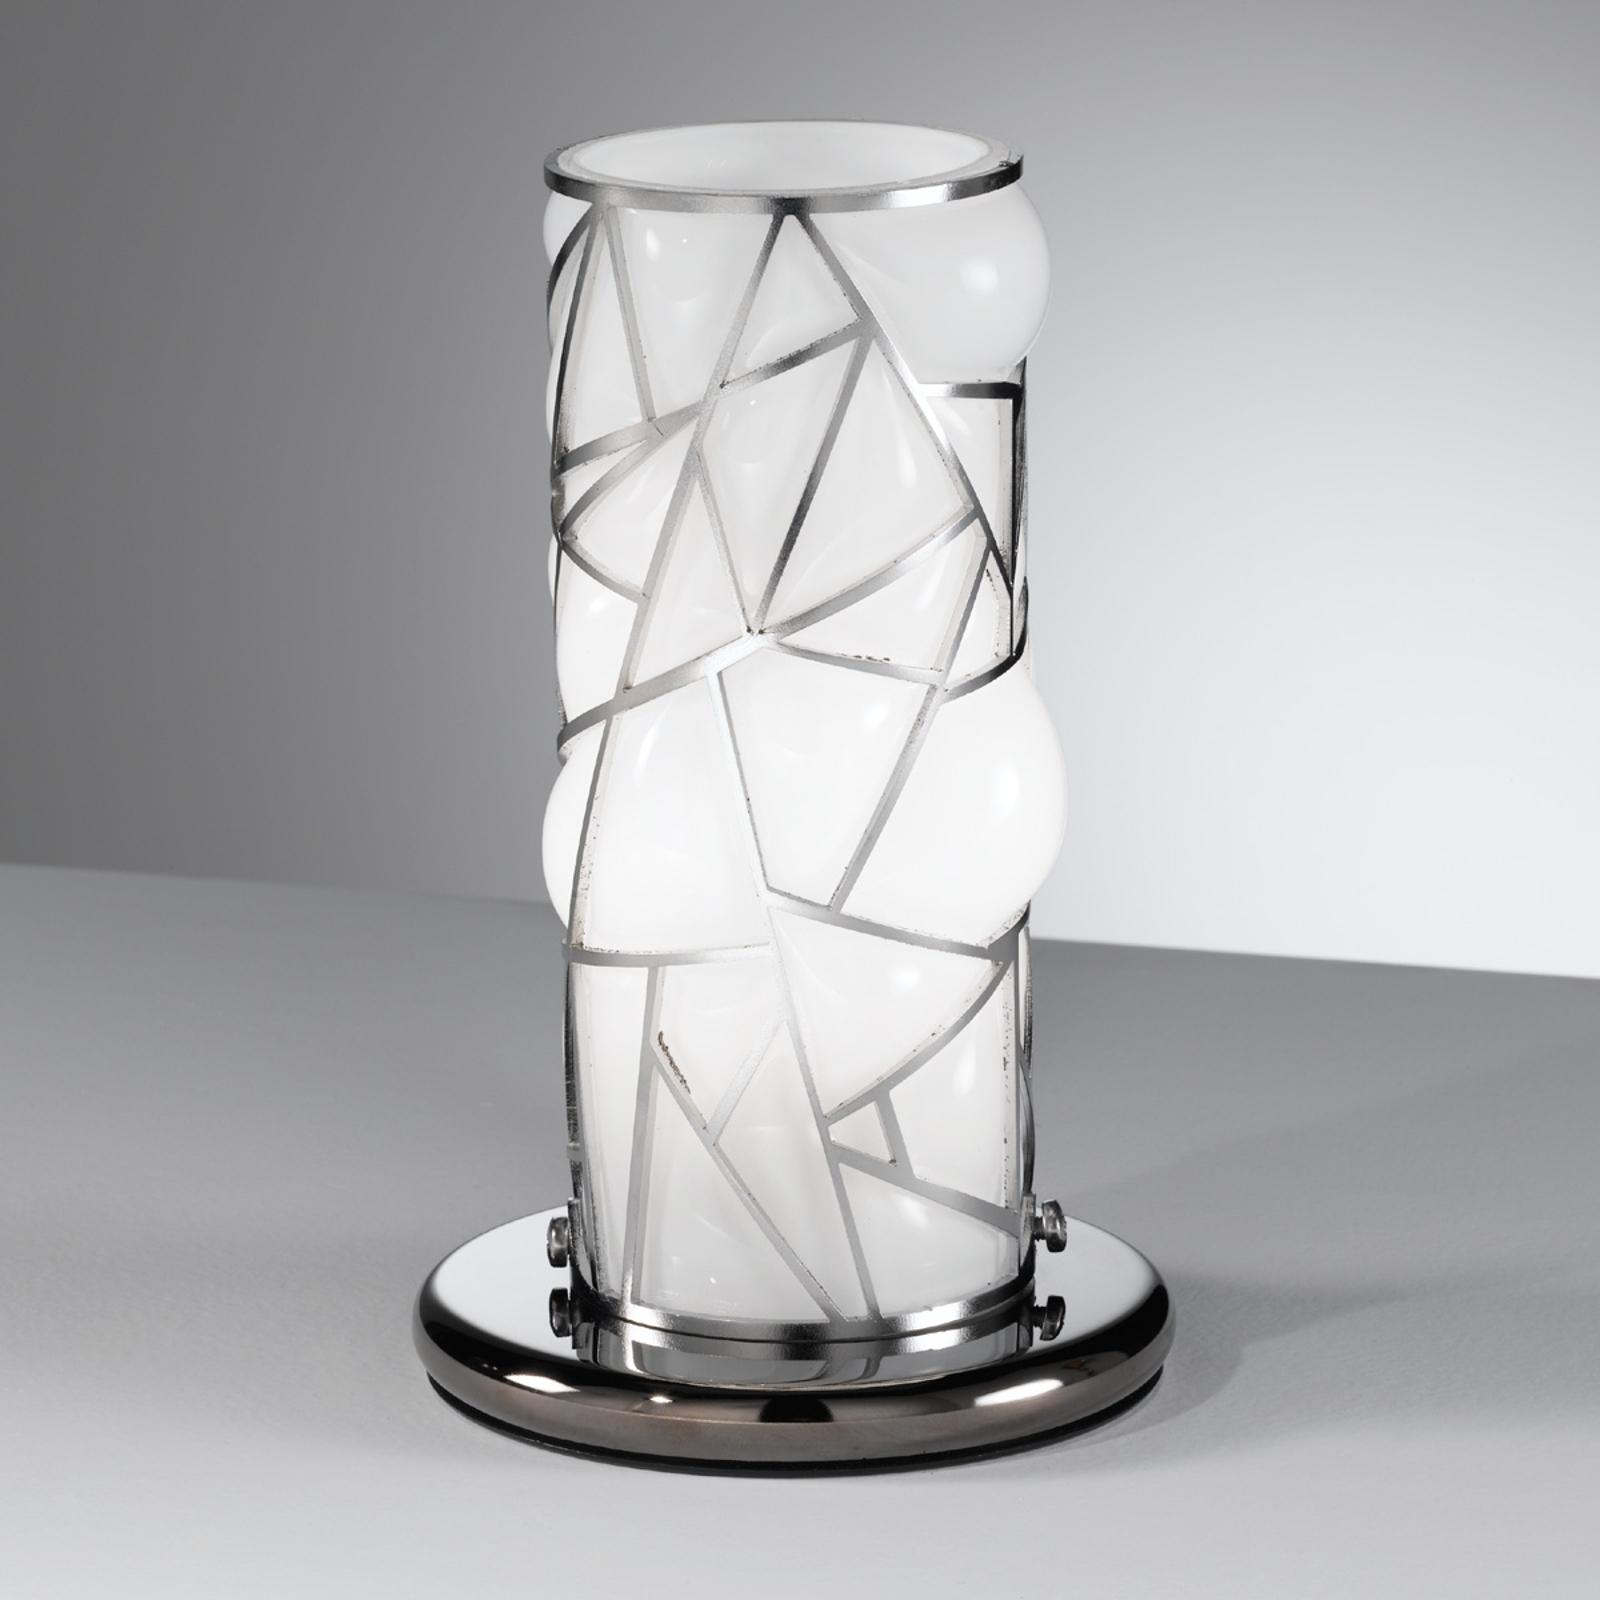 Orione-pöytävalaisin teräselementeillä, valkoinen